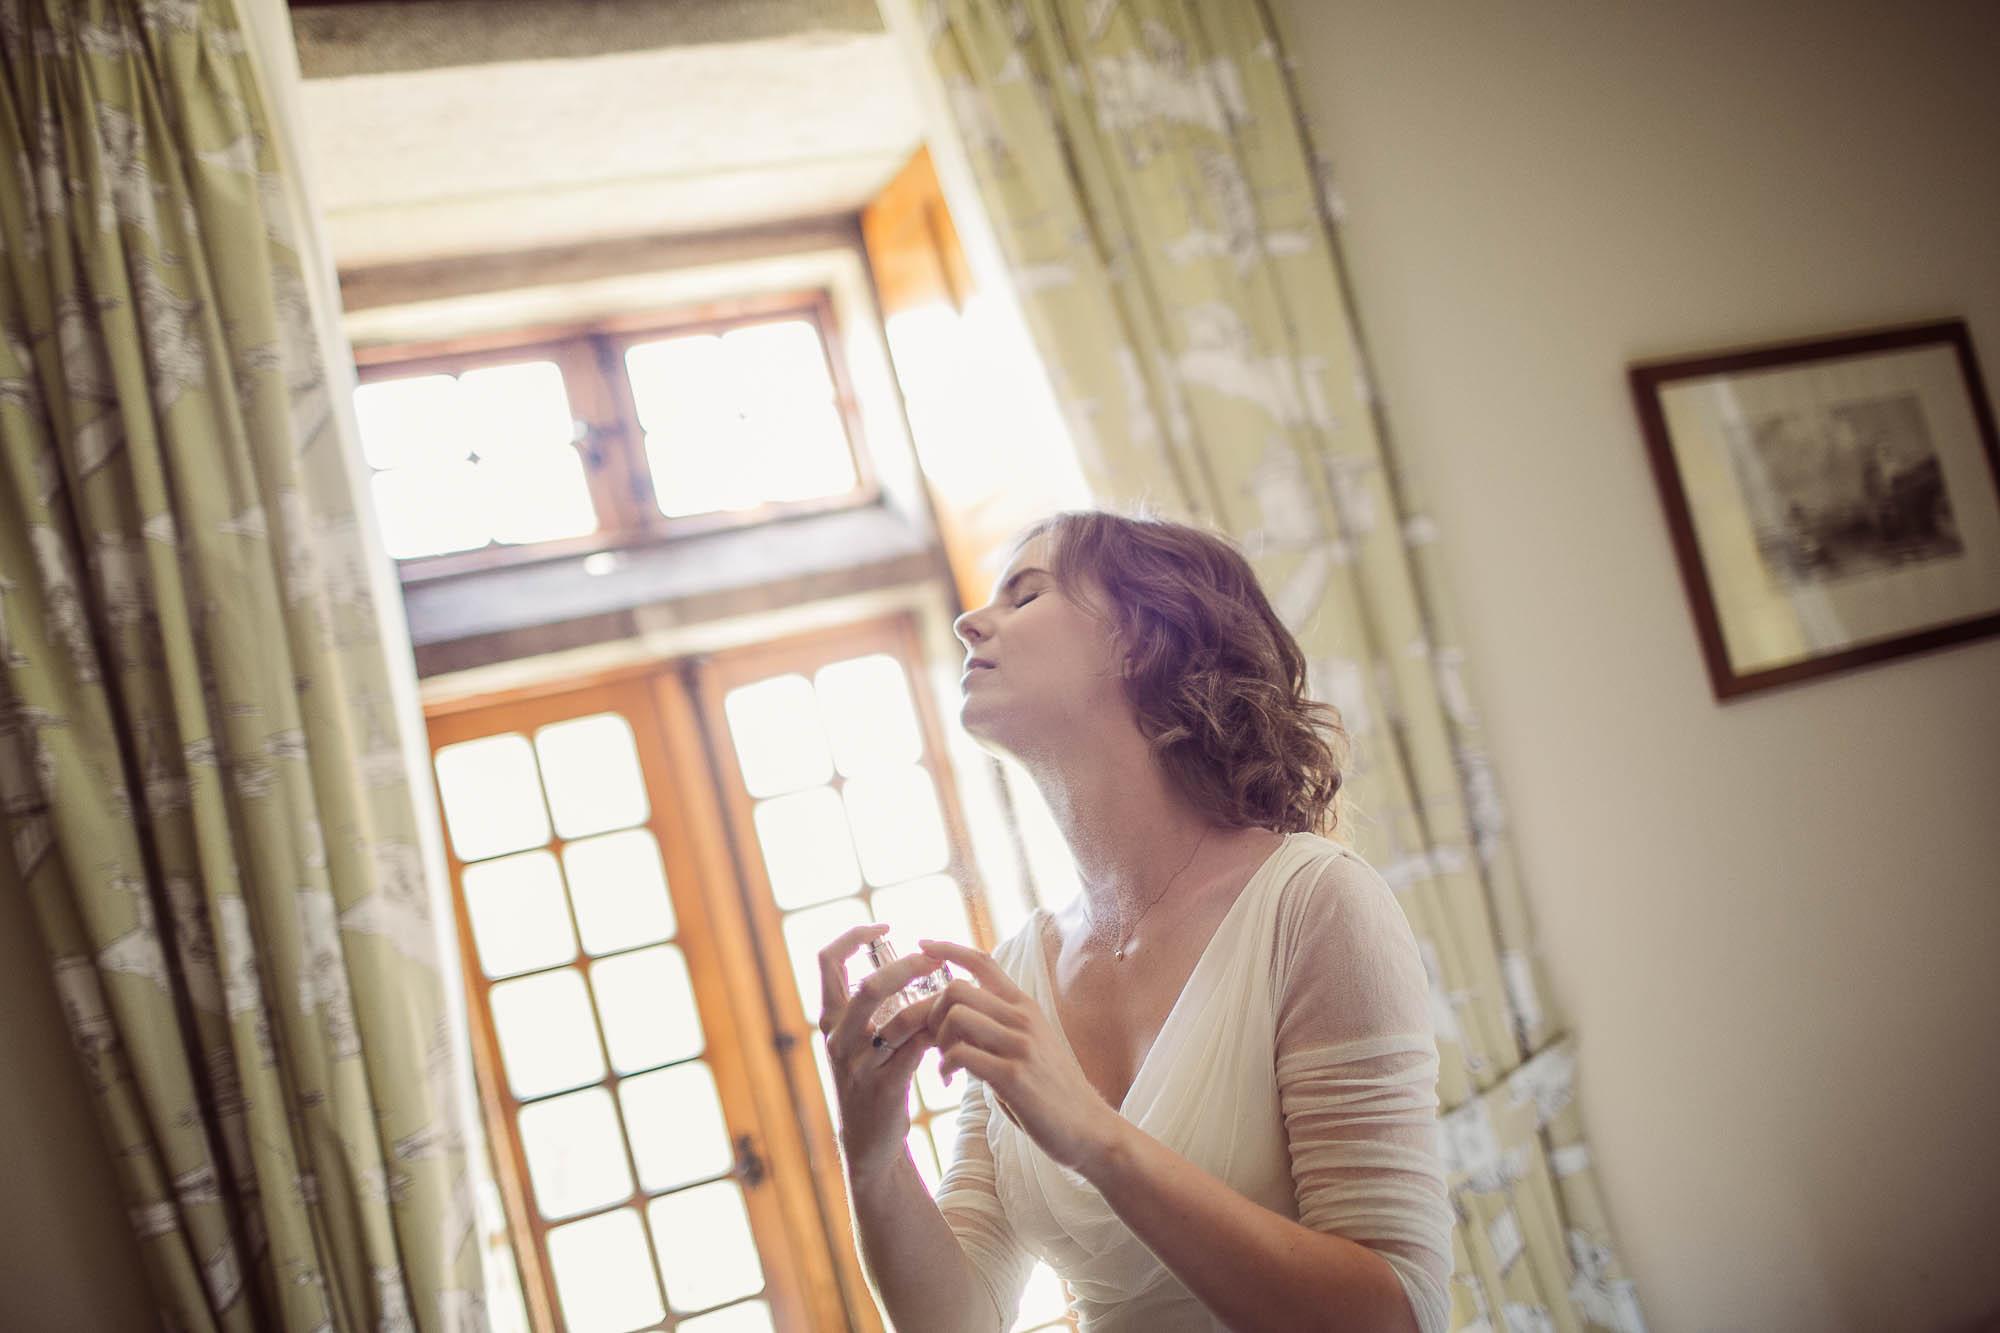 La novia se pone perfume antes de salir de la habitación